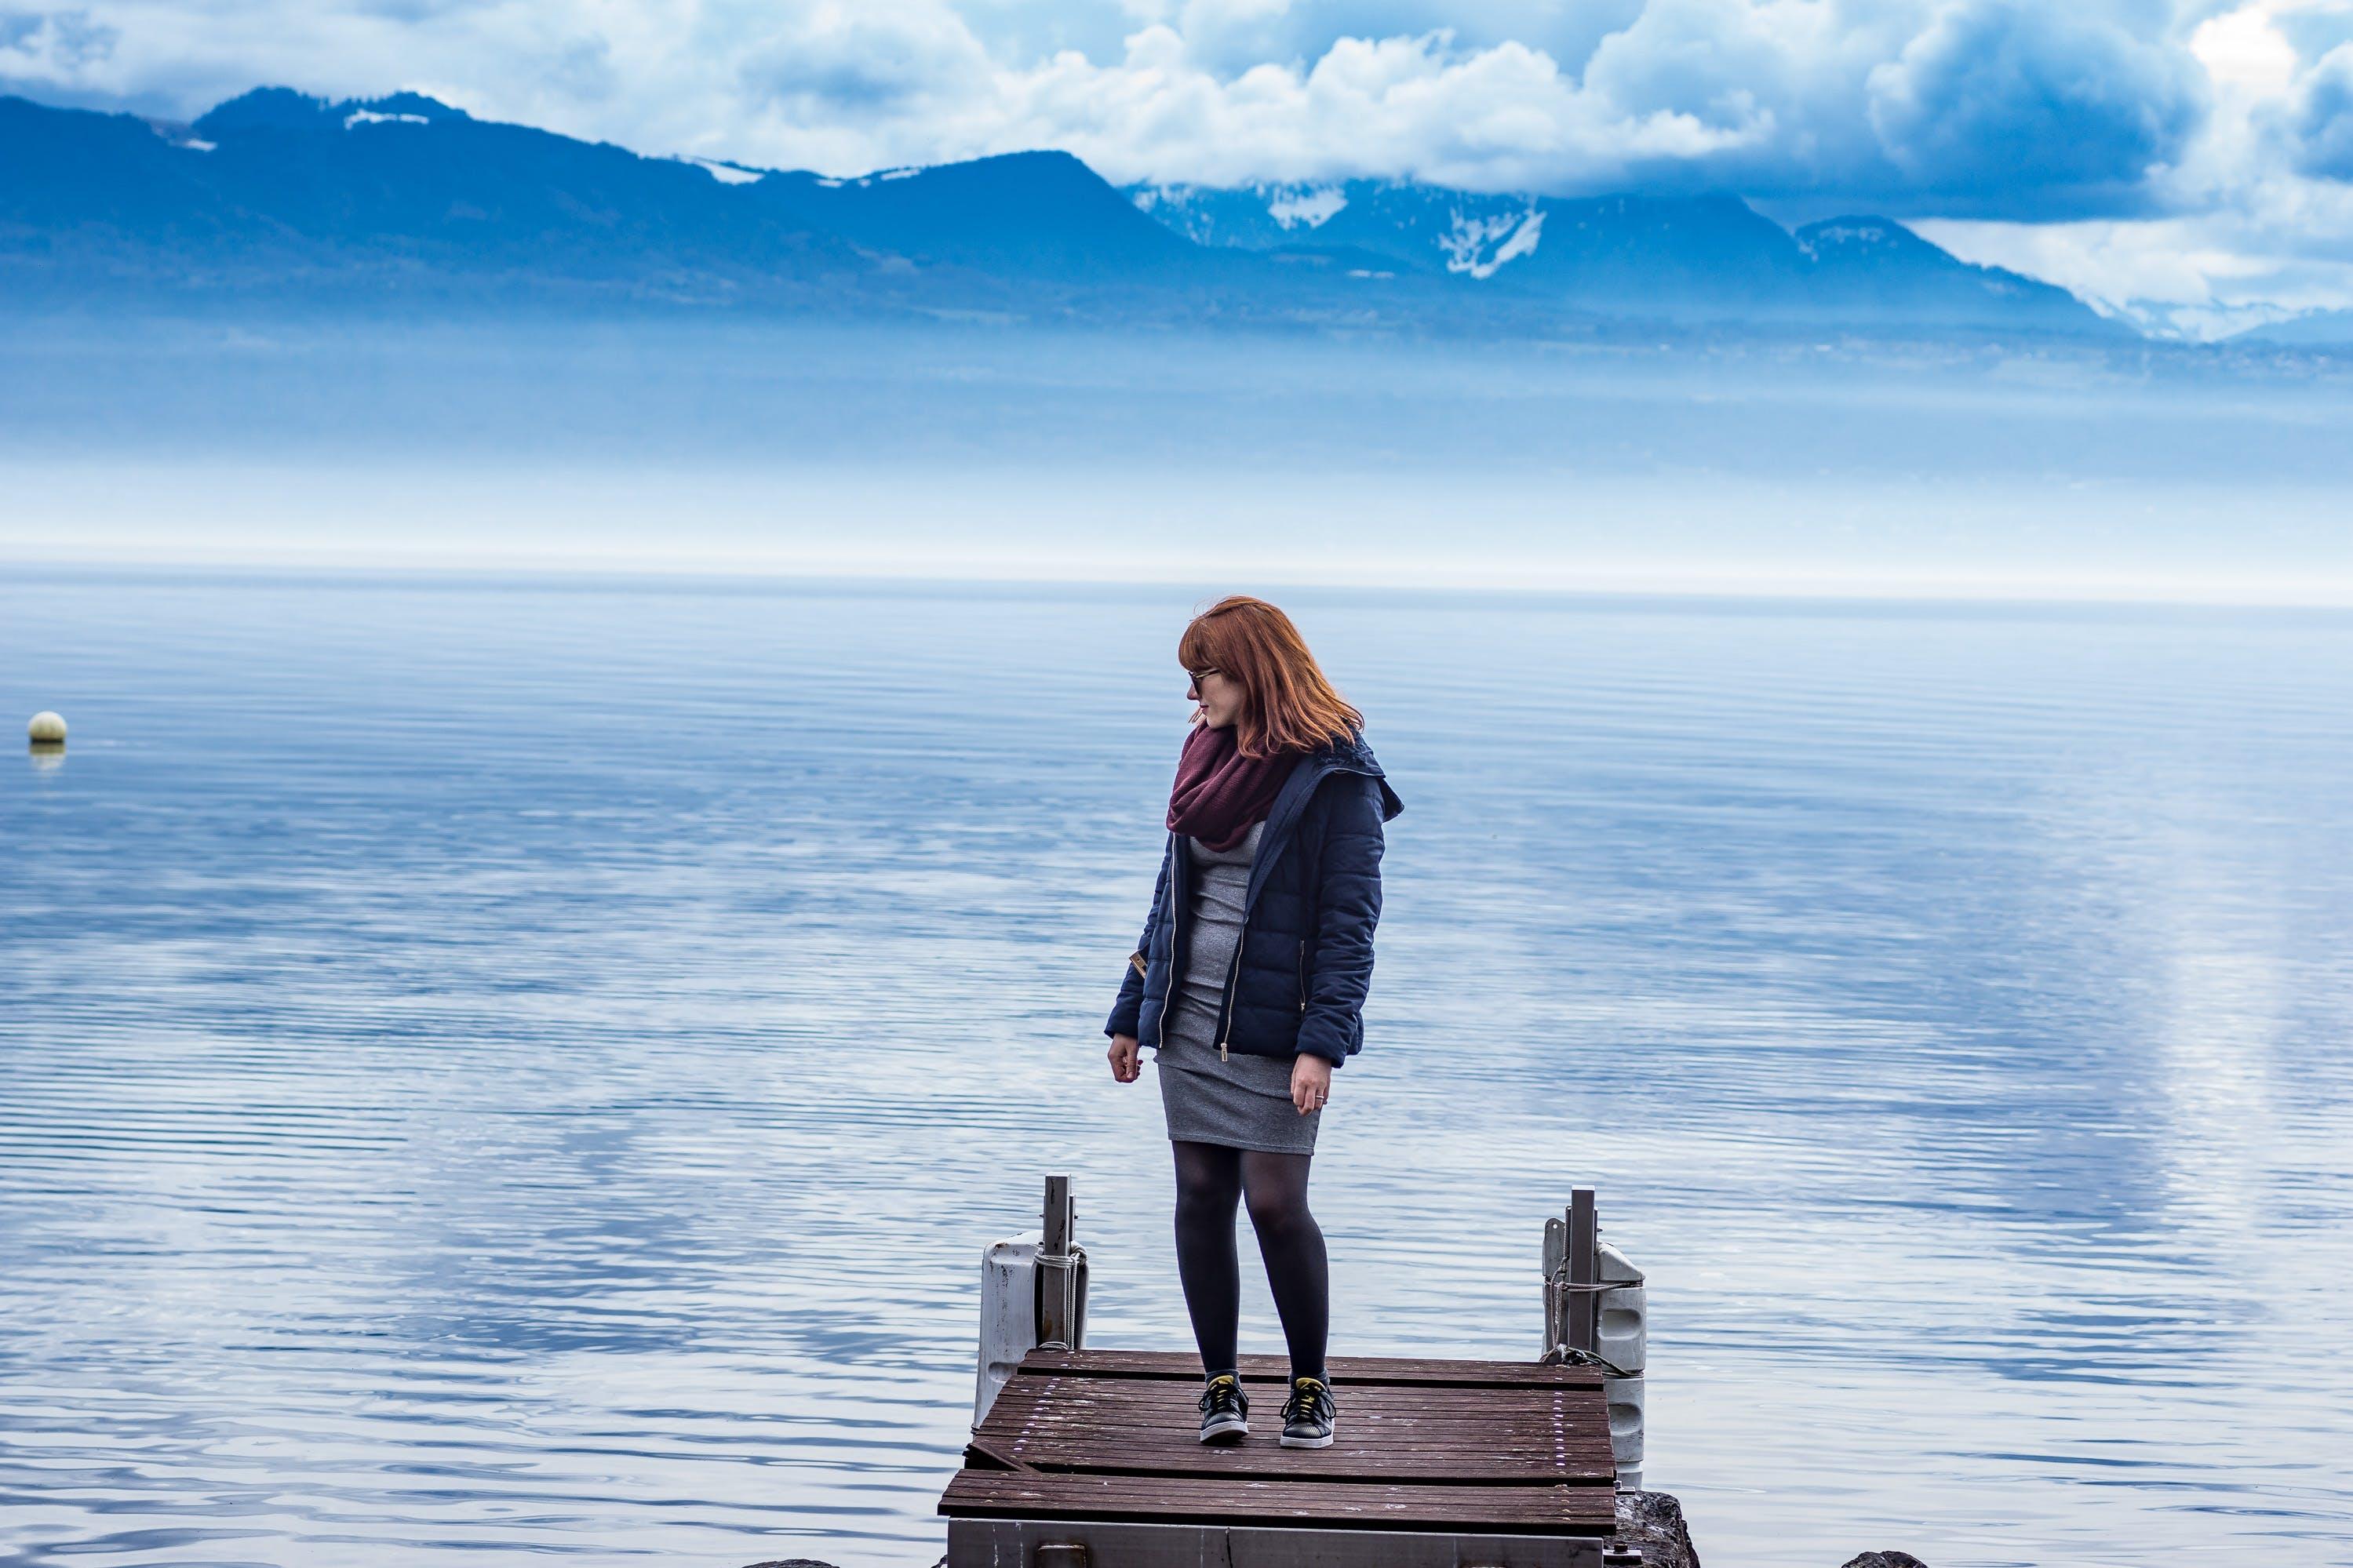 Δωρεάν στοκ φωτογραφιών με άνθρωπος, Γαλάζια Όρη, γραφικός, γυναίκα